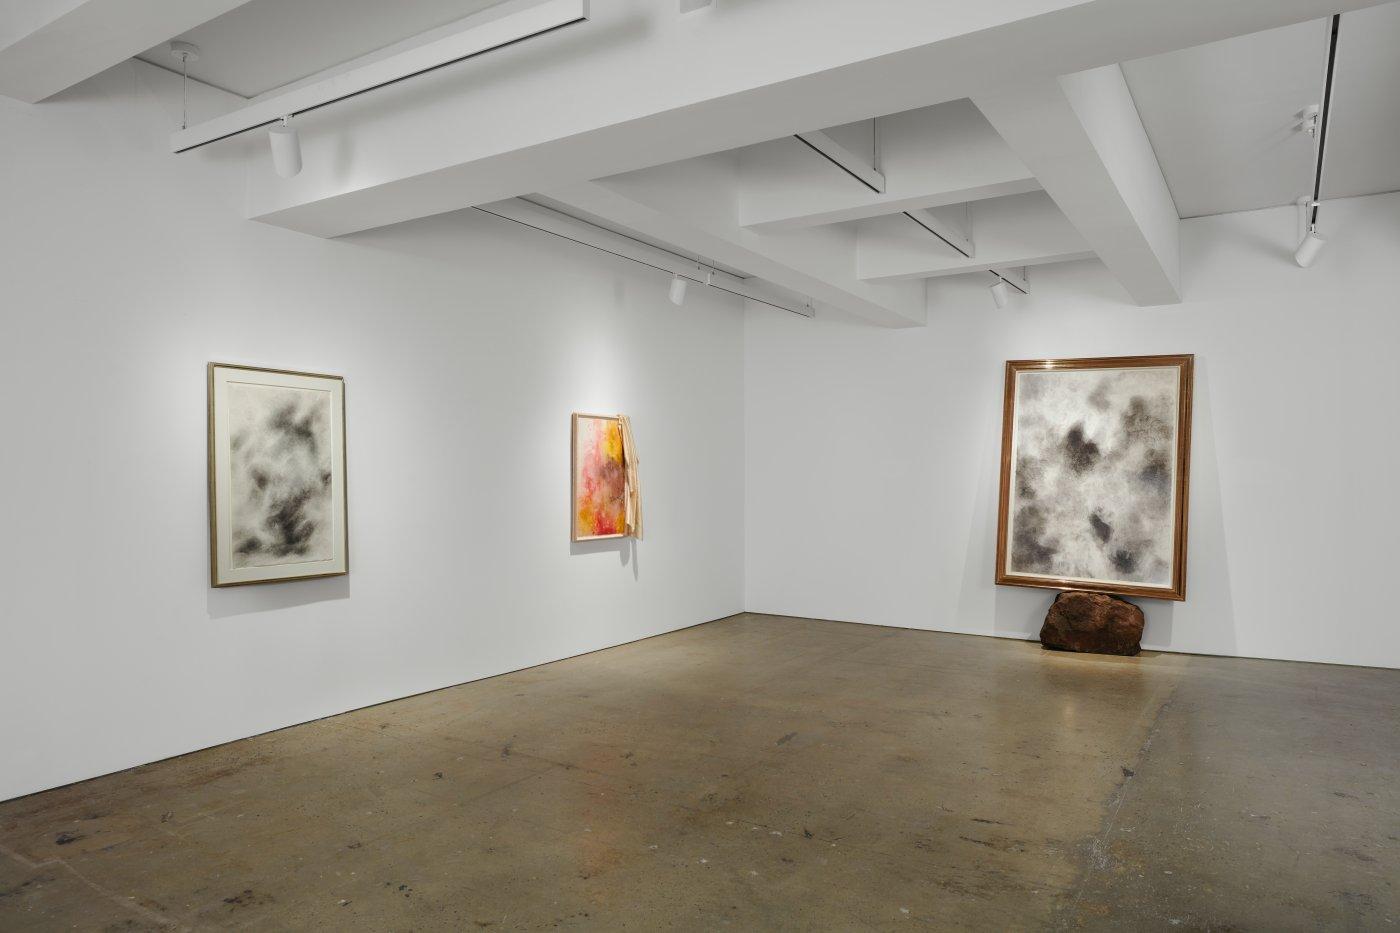 Nahmad Contemporary David Hammons 2